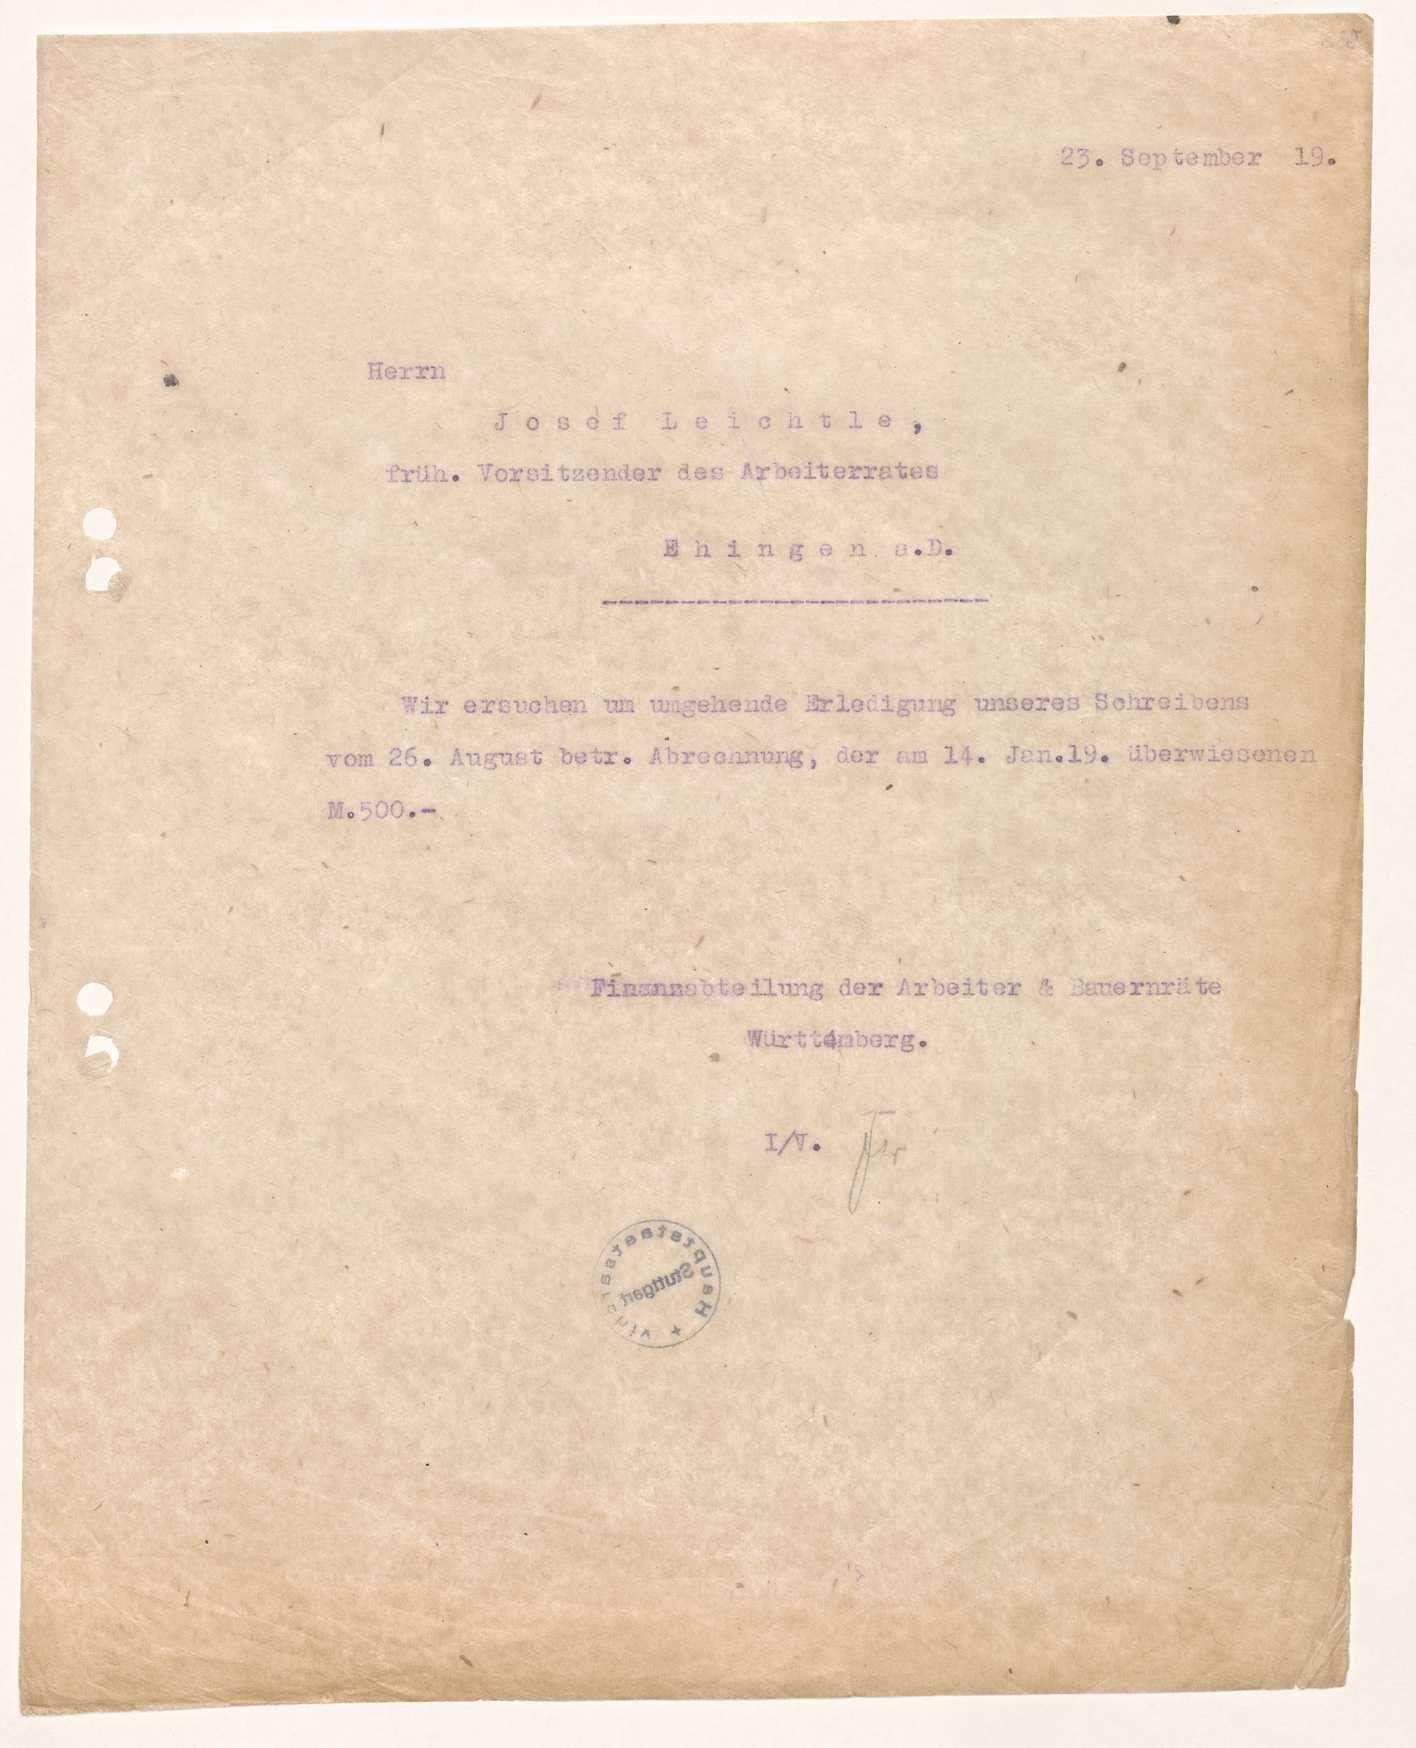 Finanzierung und Rechnungslegung örtlicher Arbeiter- und Bauernräte im Oberamt Ehingen, Bild 3